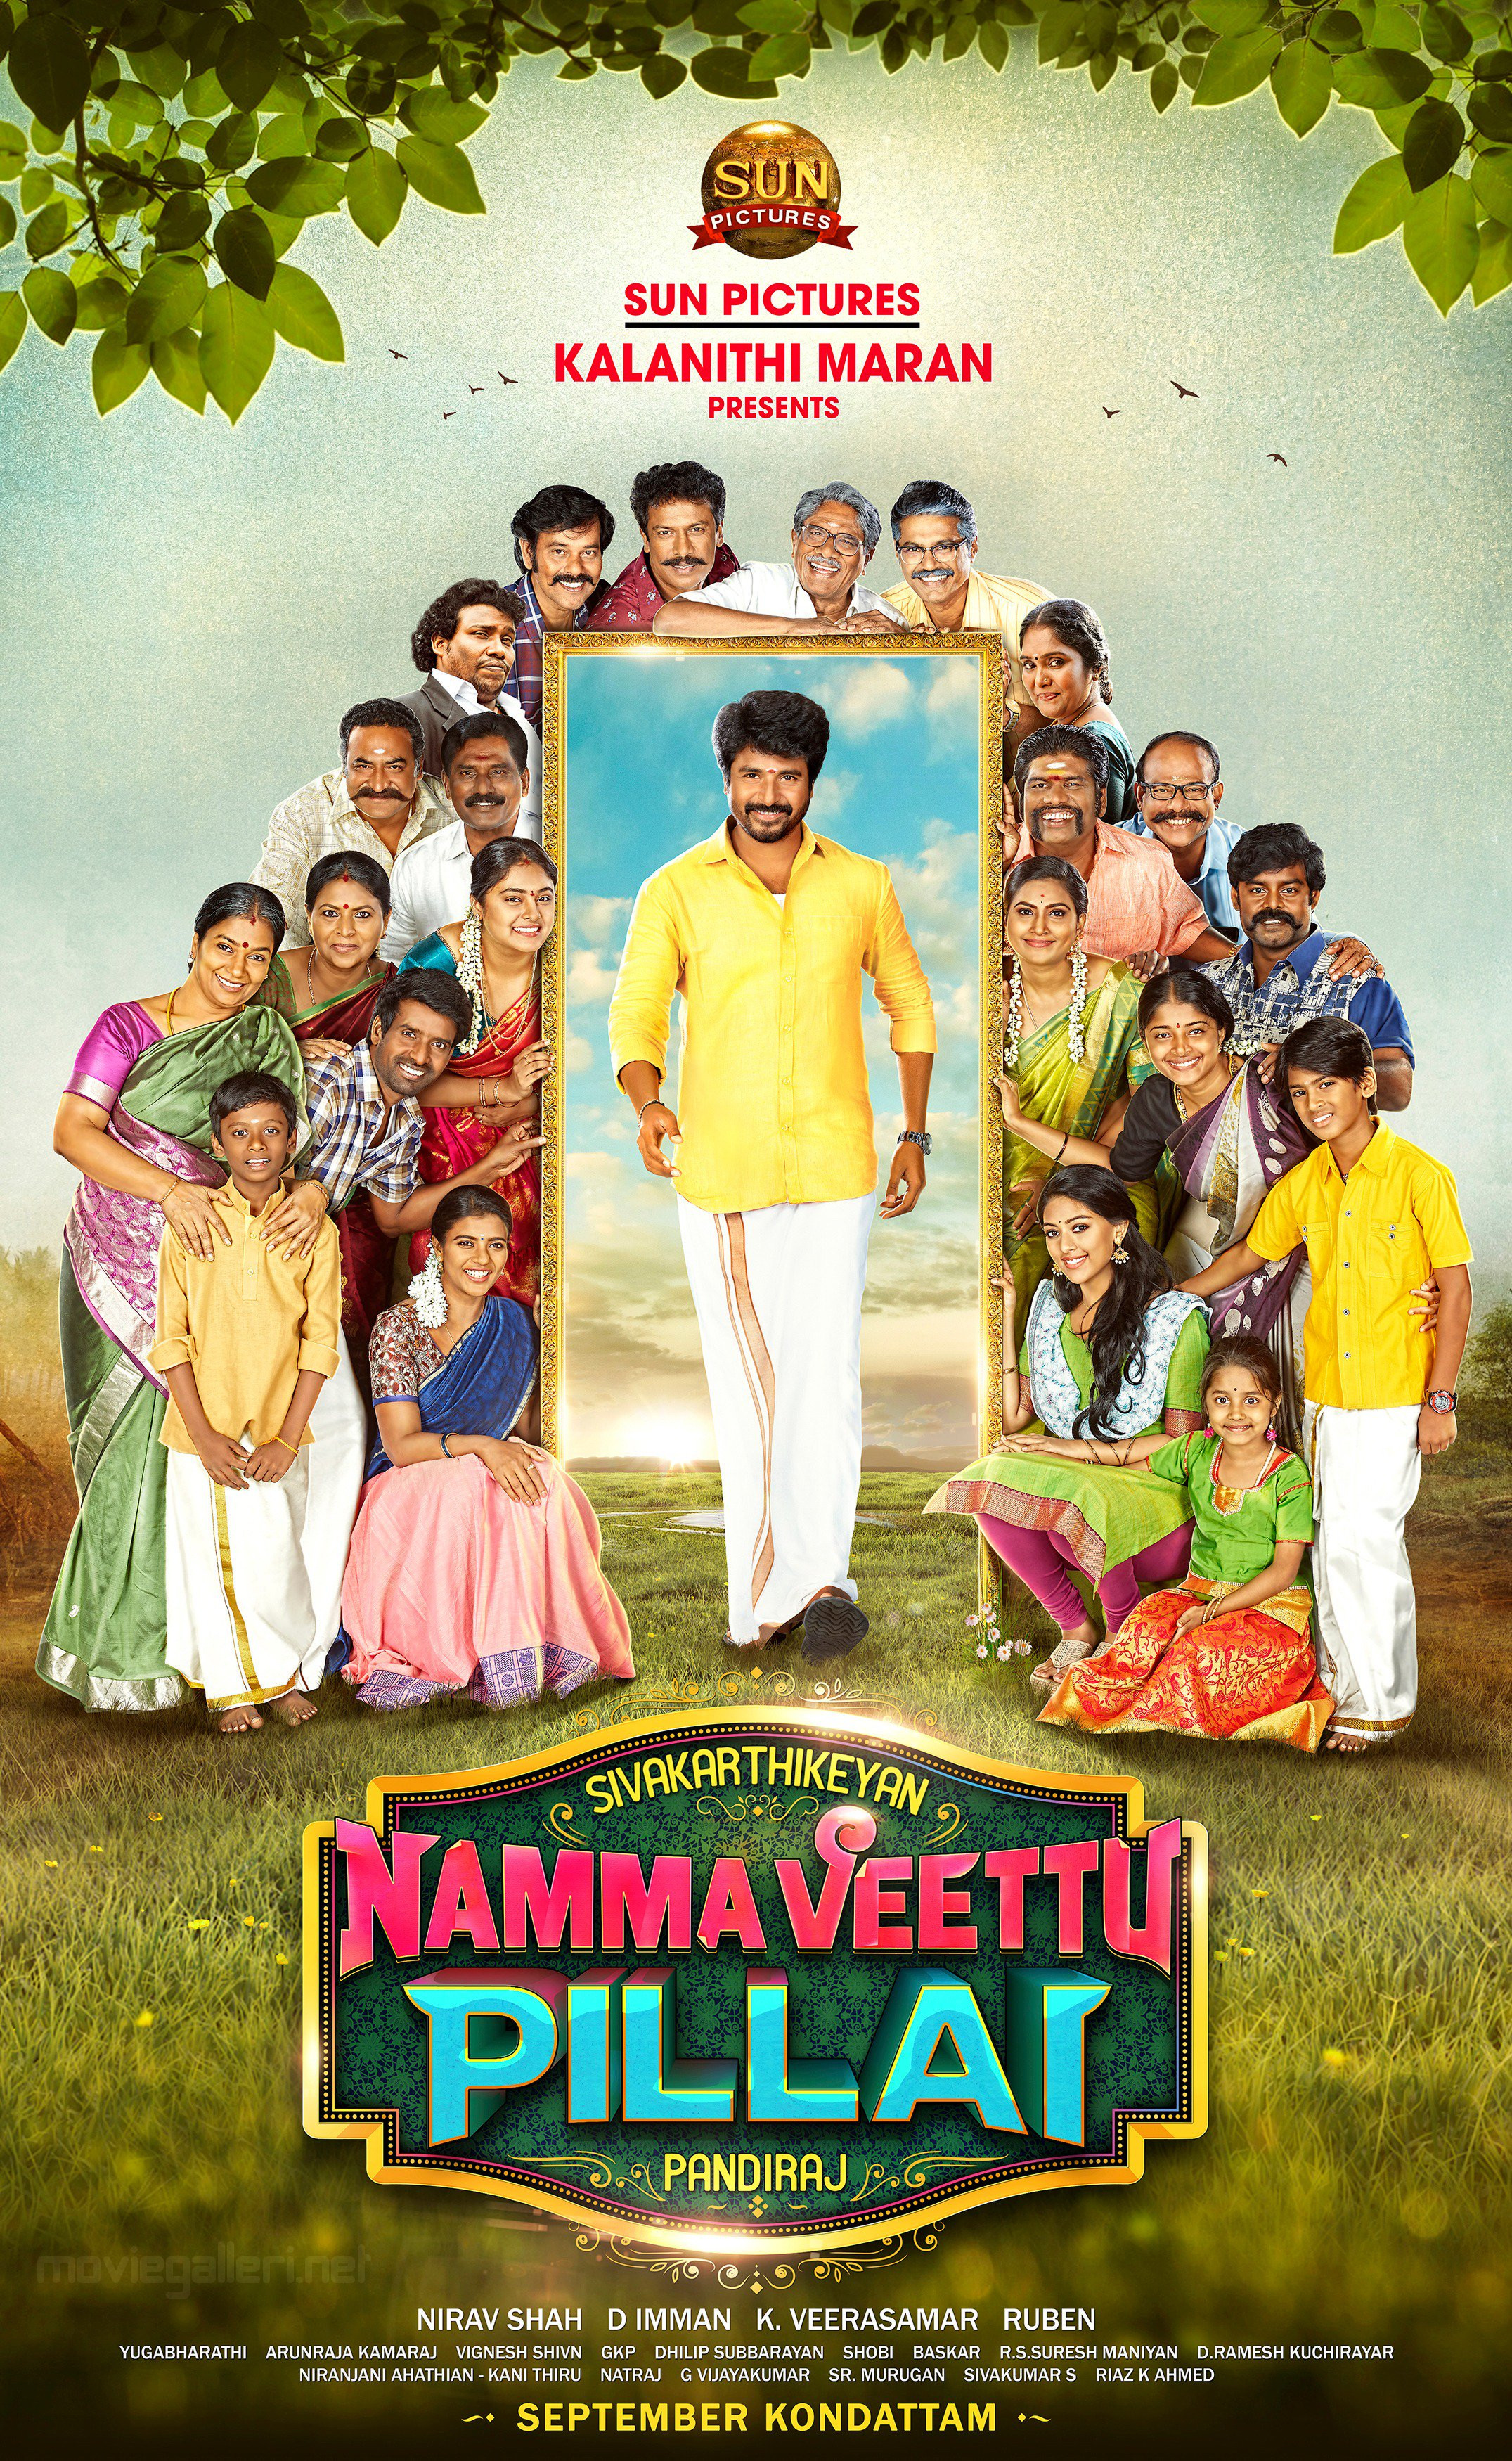 Sivakarthikeyan Namma Veetu Pillai Second Look Poster HD